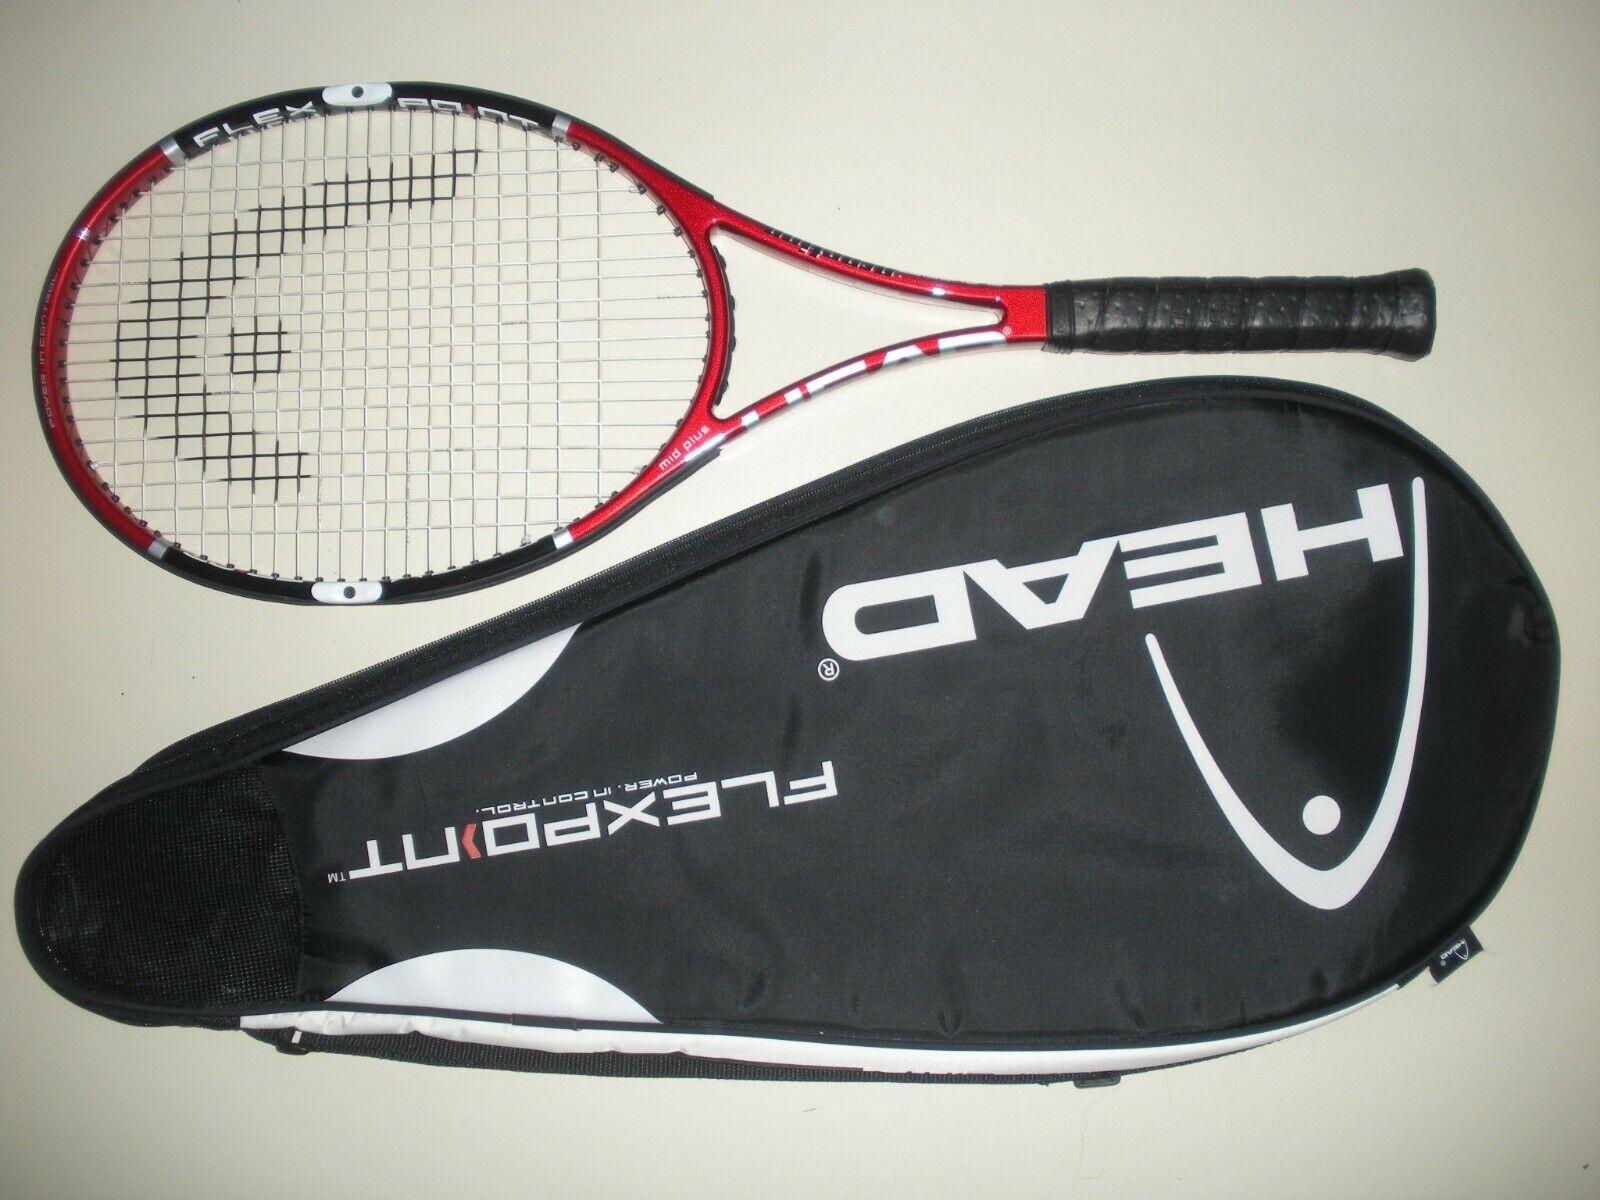 Cabeza Flexpoint Prestige Mp 98 tenis raqueta 4 3 8